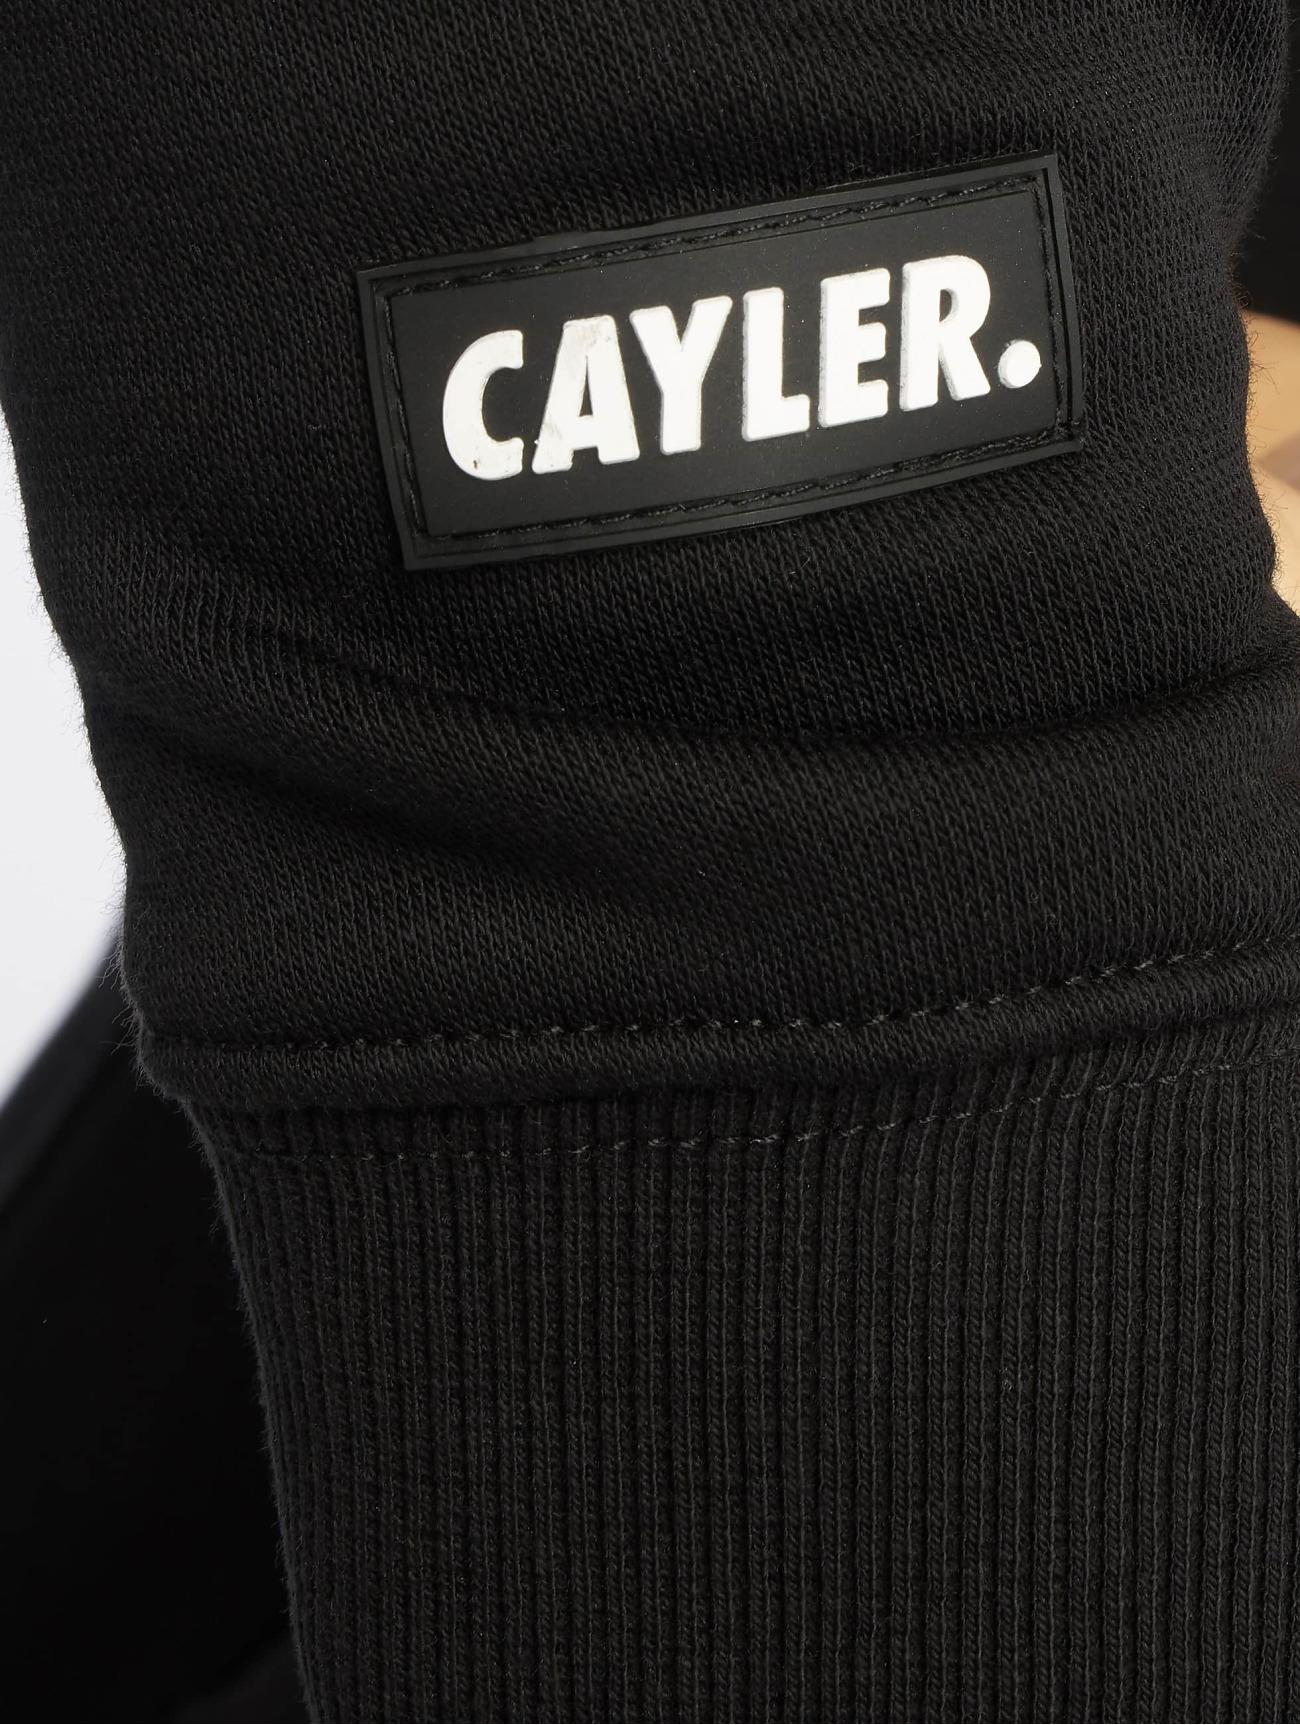 Cayler & Sons   Wl Trust Lights  noir Homme Sweat capuche  621525  Homme Hauts